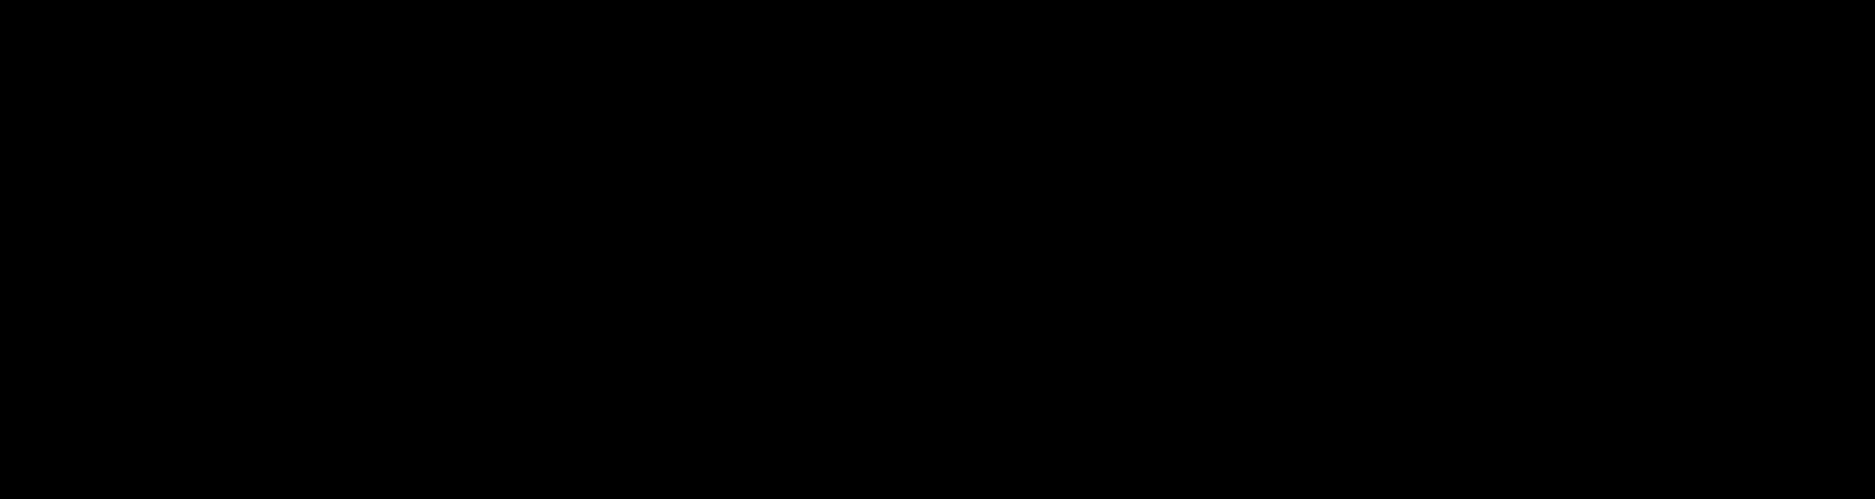 episodic